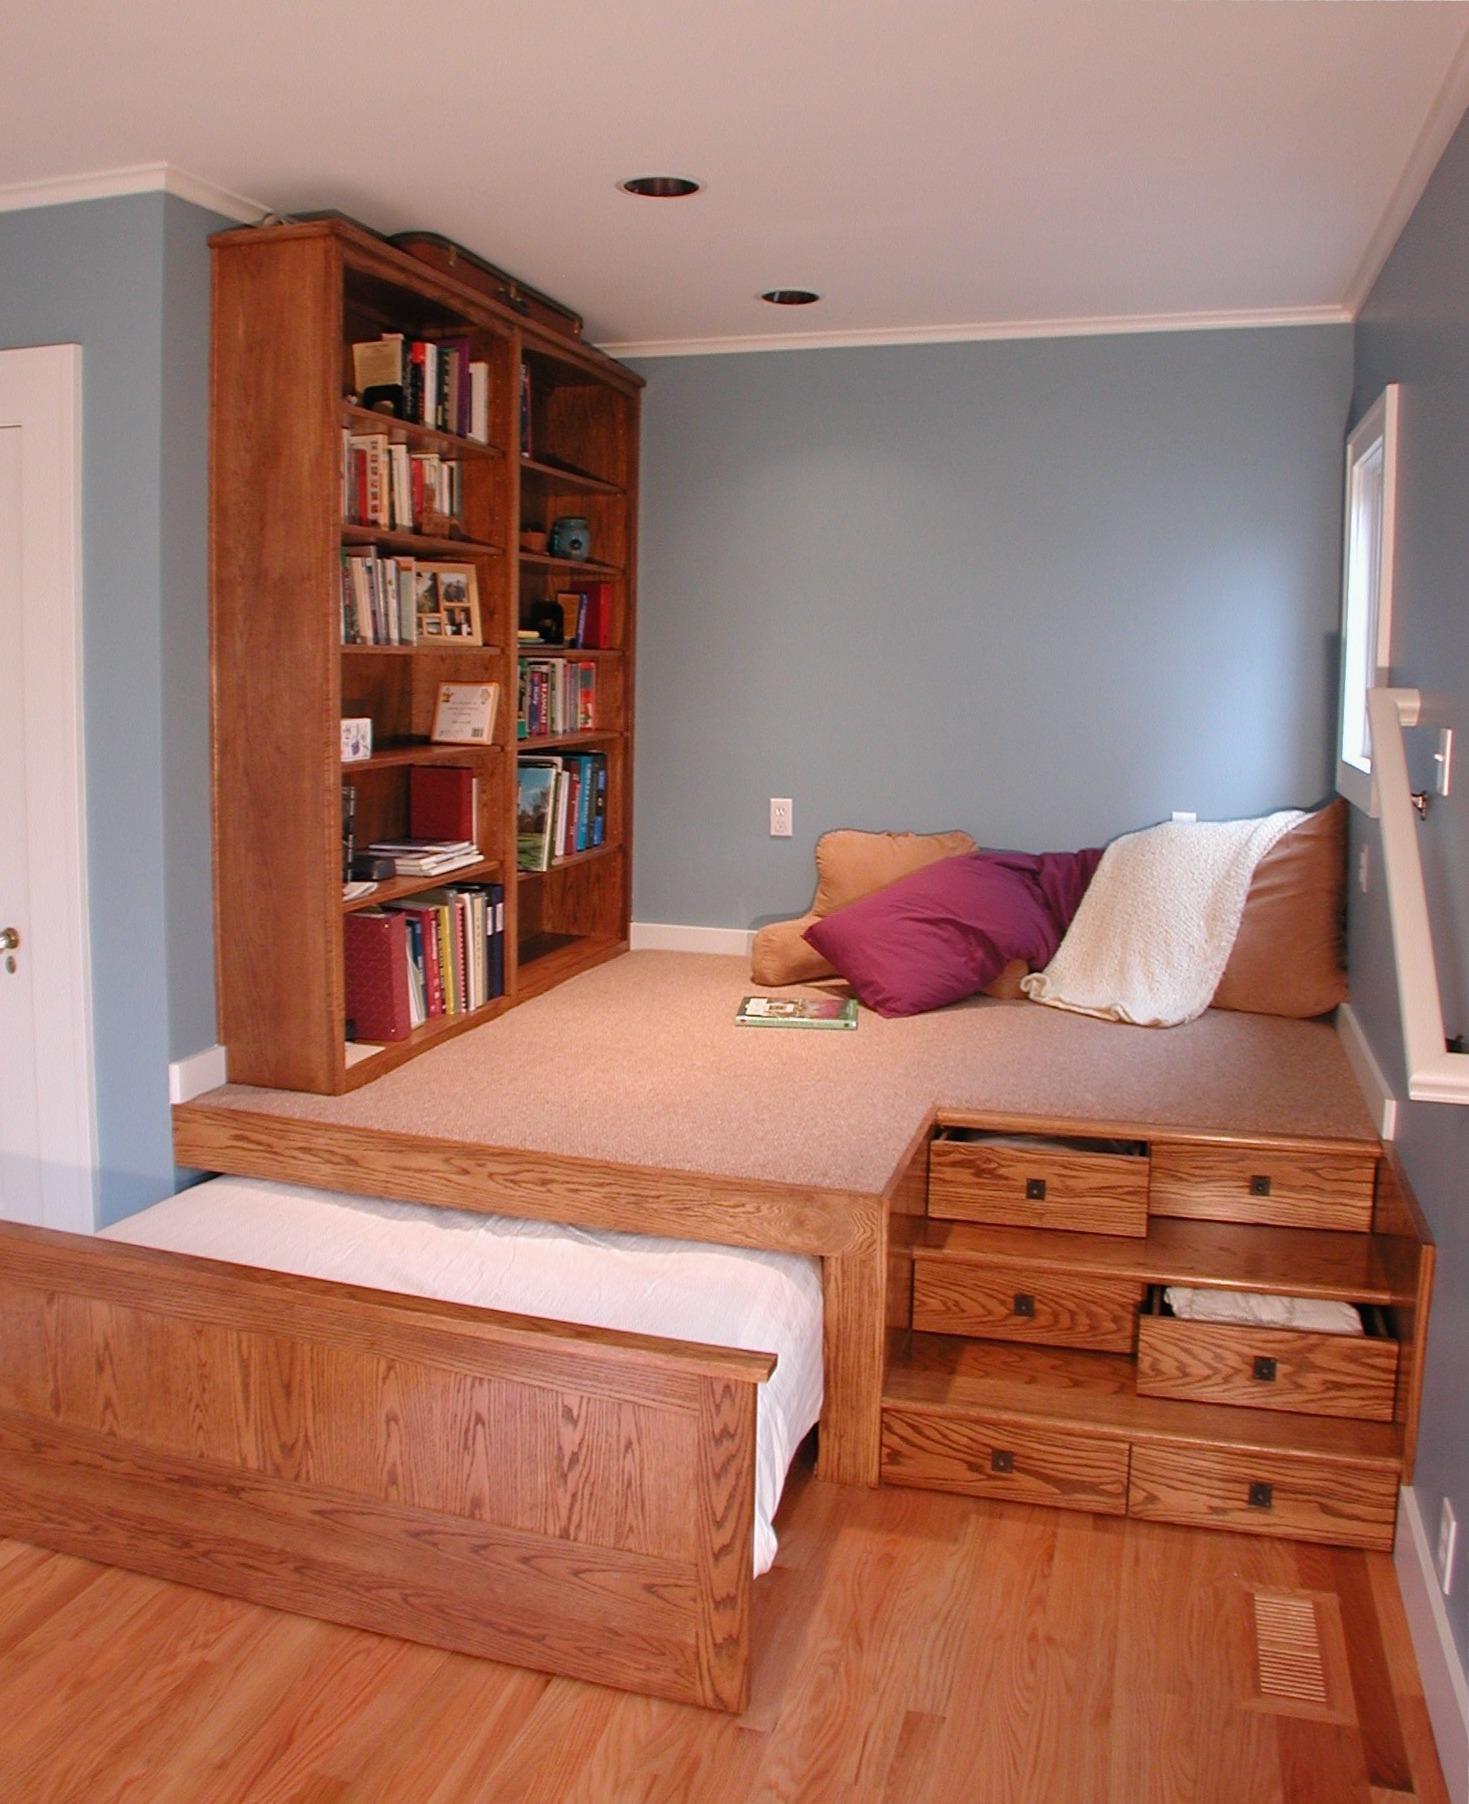 """Удобная кровать-подиум в спальне"""" - карточка пользователя ді."""